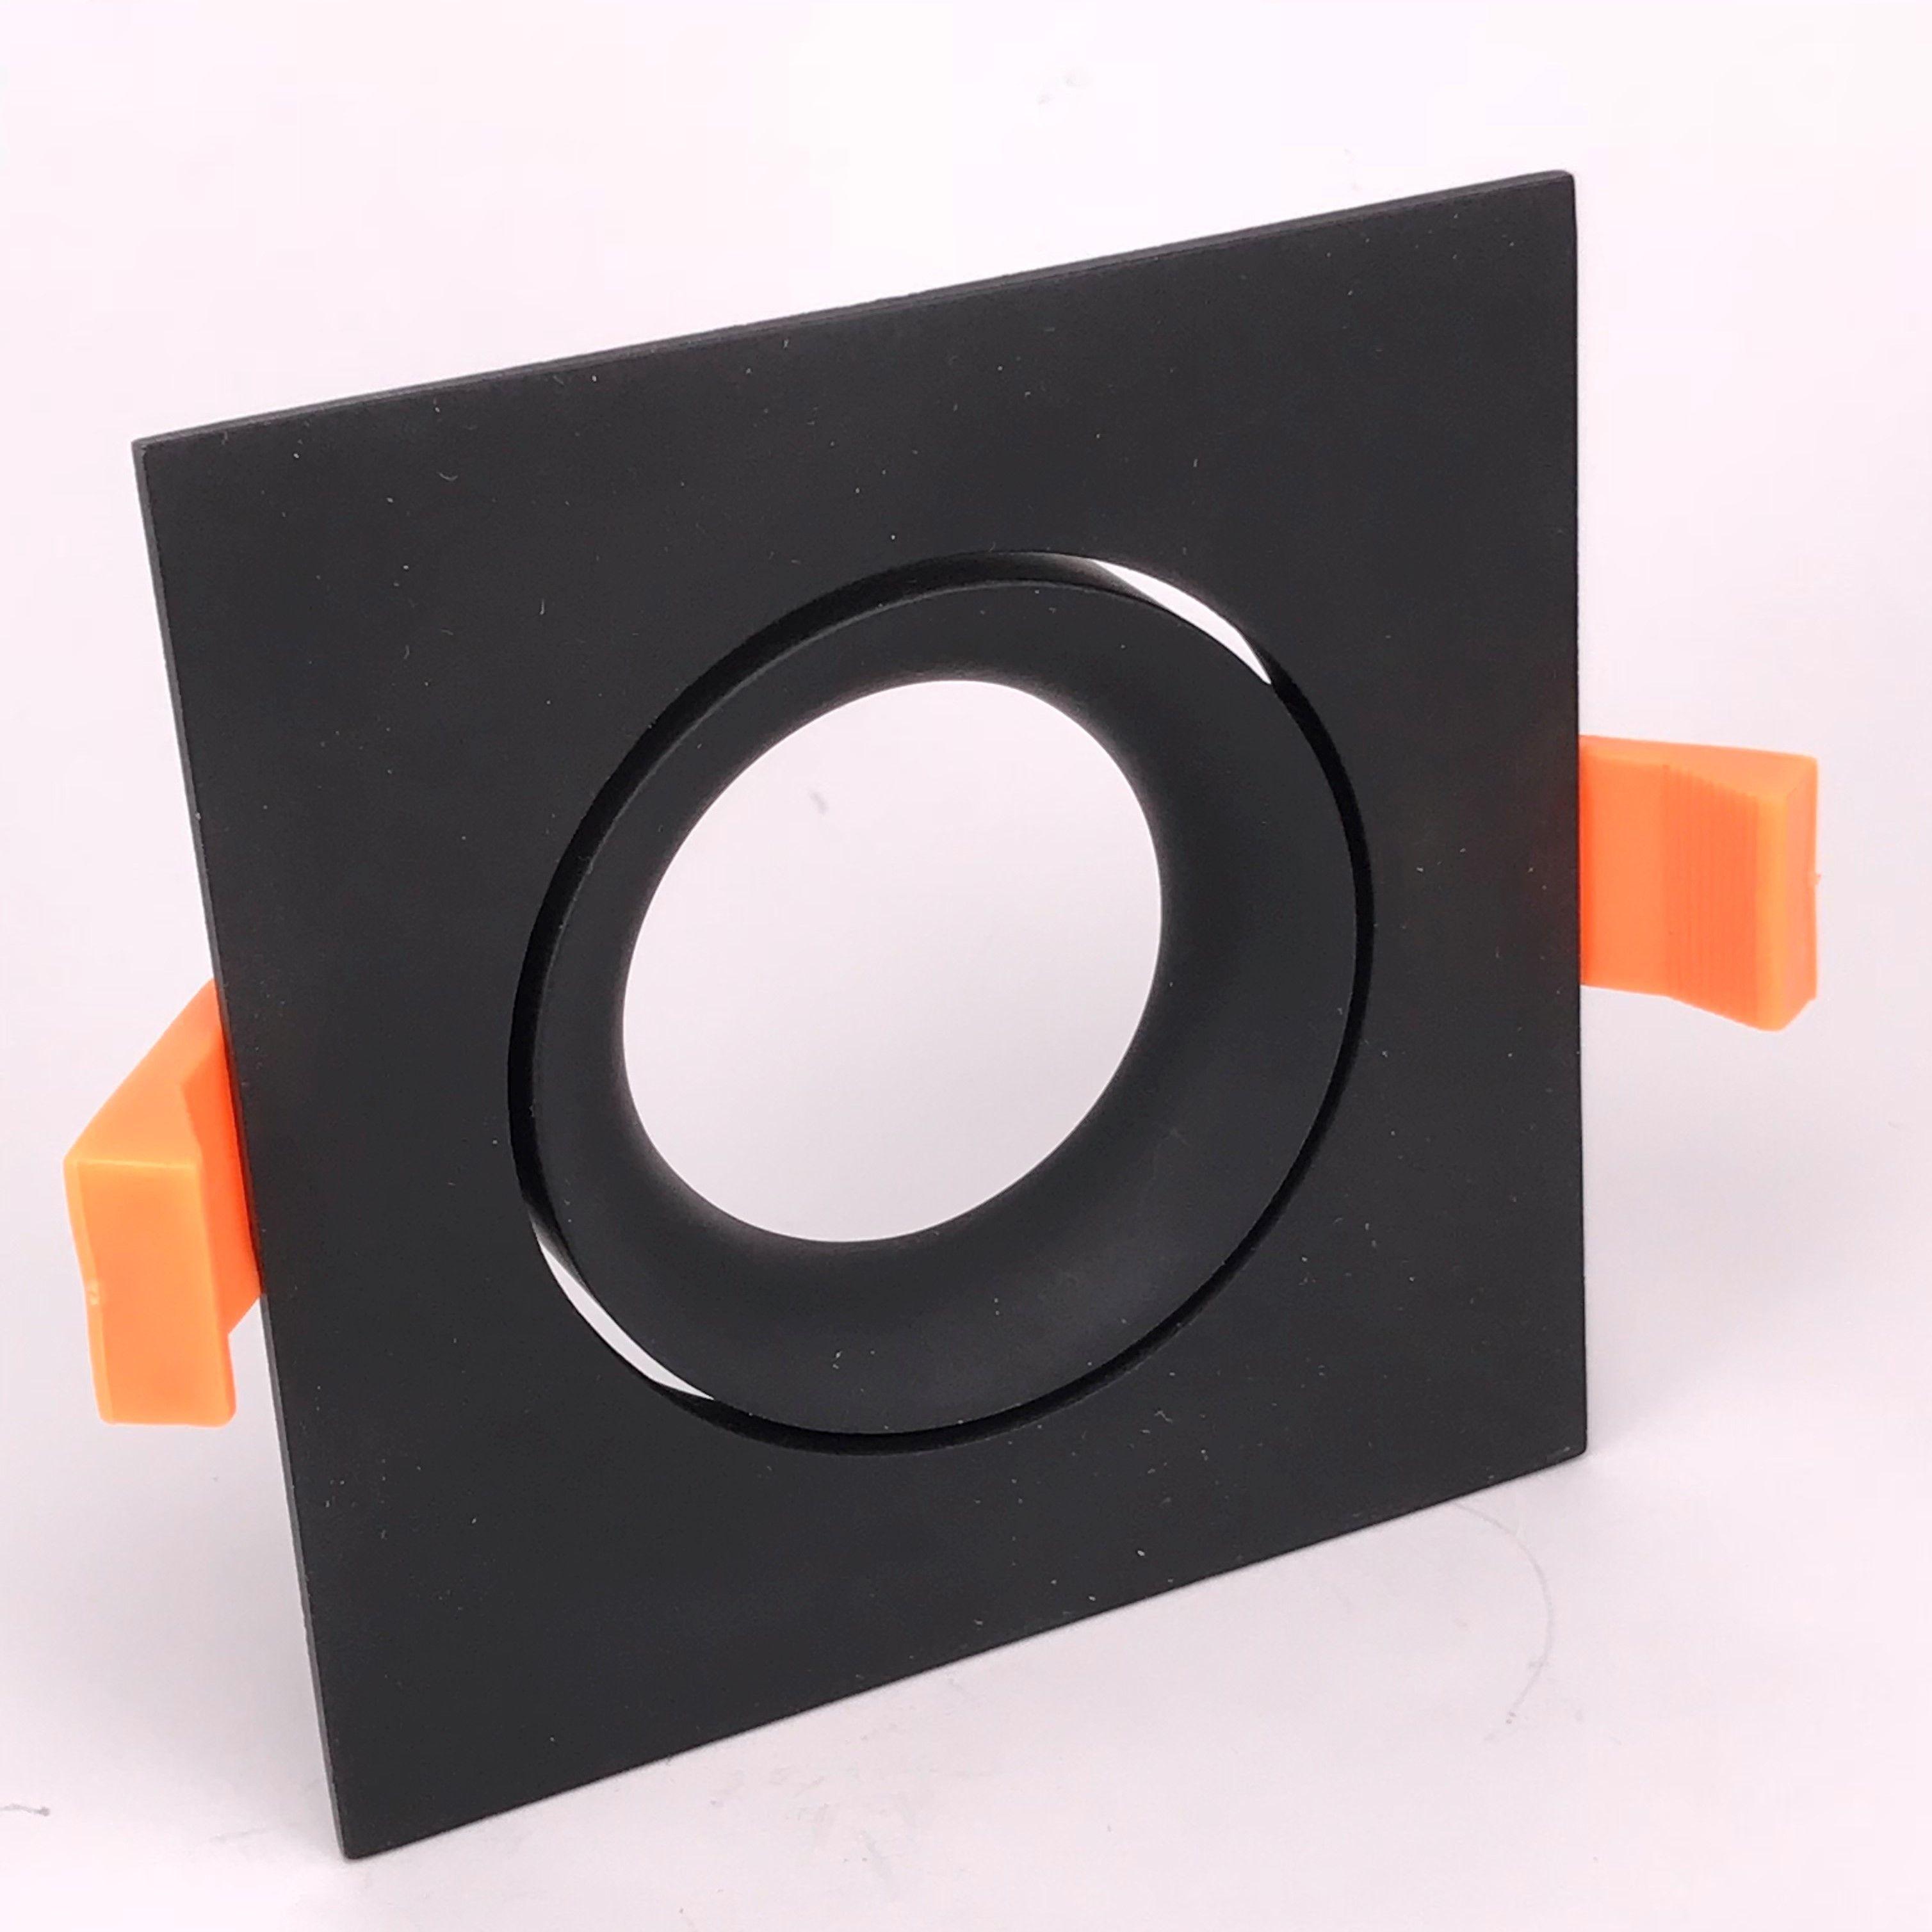 Inbouwring 95mm vierkant zwart